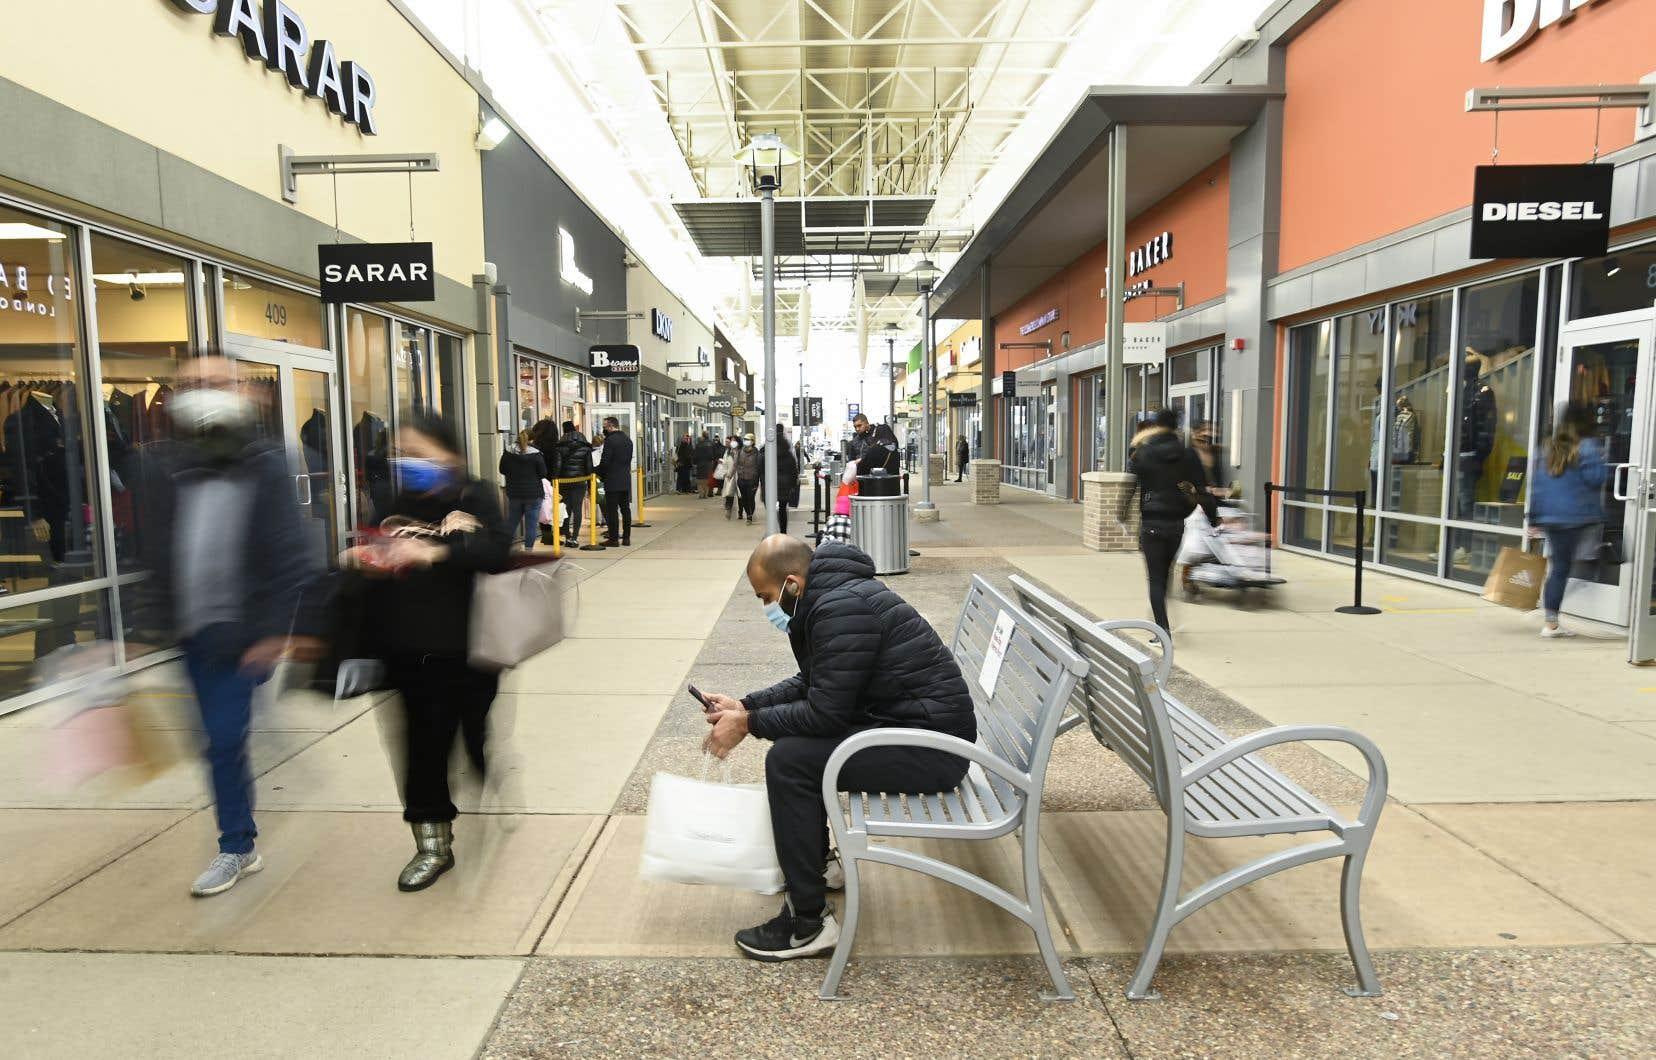 Pami les 1746 nouveaux cas signalés lundi en Ontario, 622 on été recensés à Toronto.